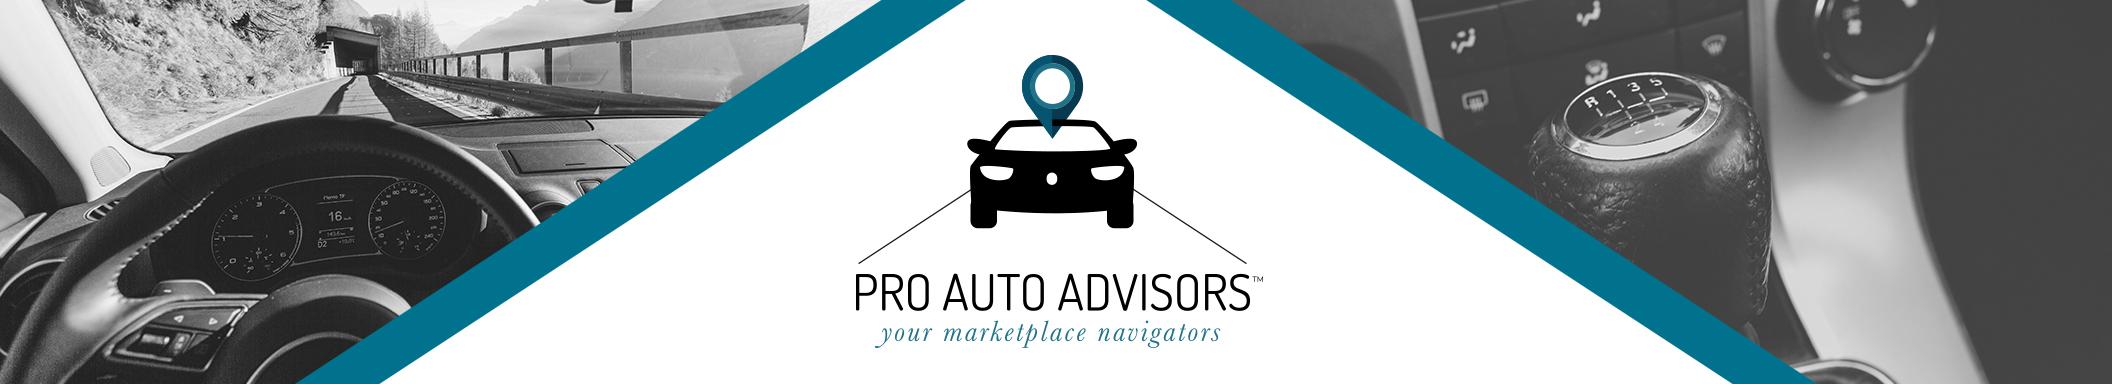 Pro Auto Advisors